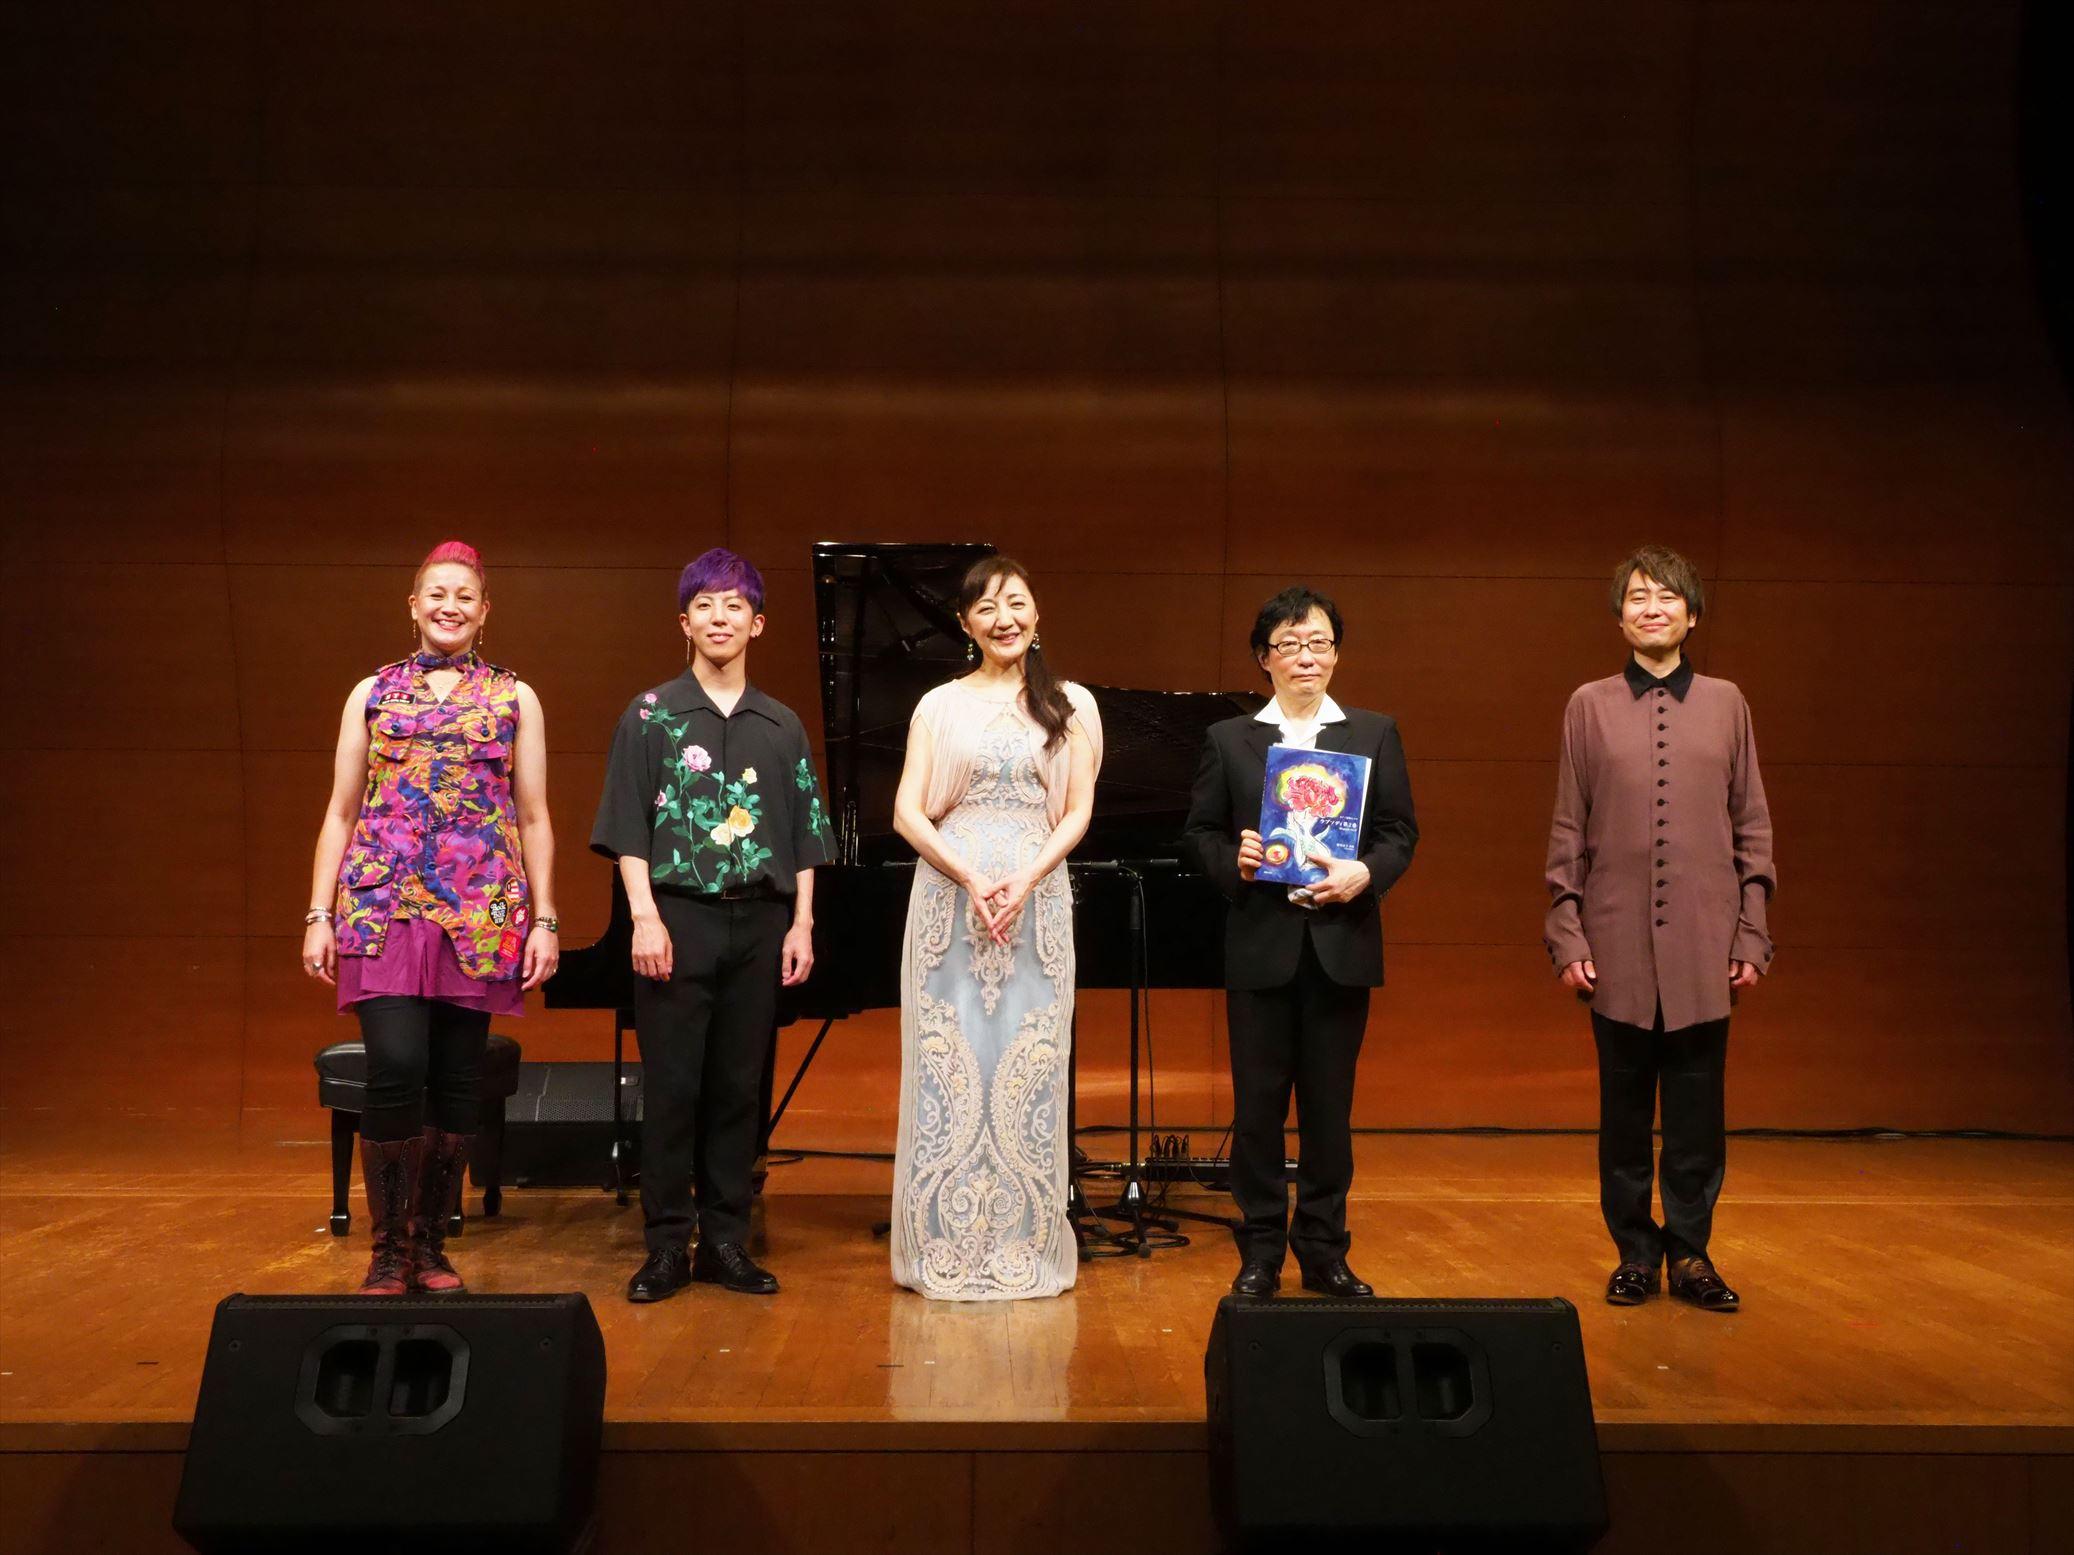 ピアノランドフェスティバル2021 アーカイブ配信受付中